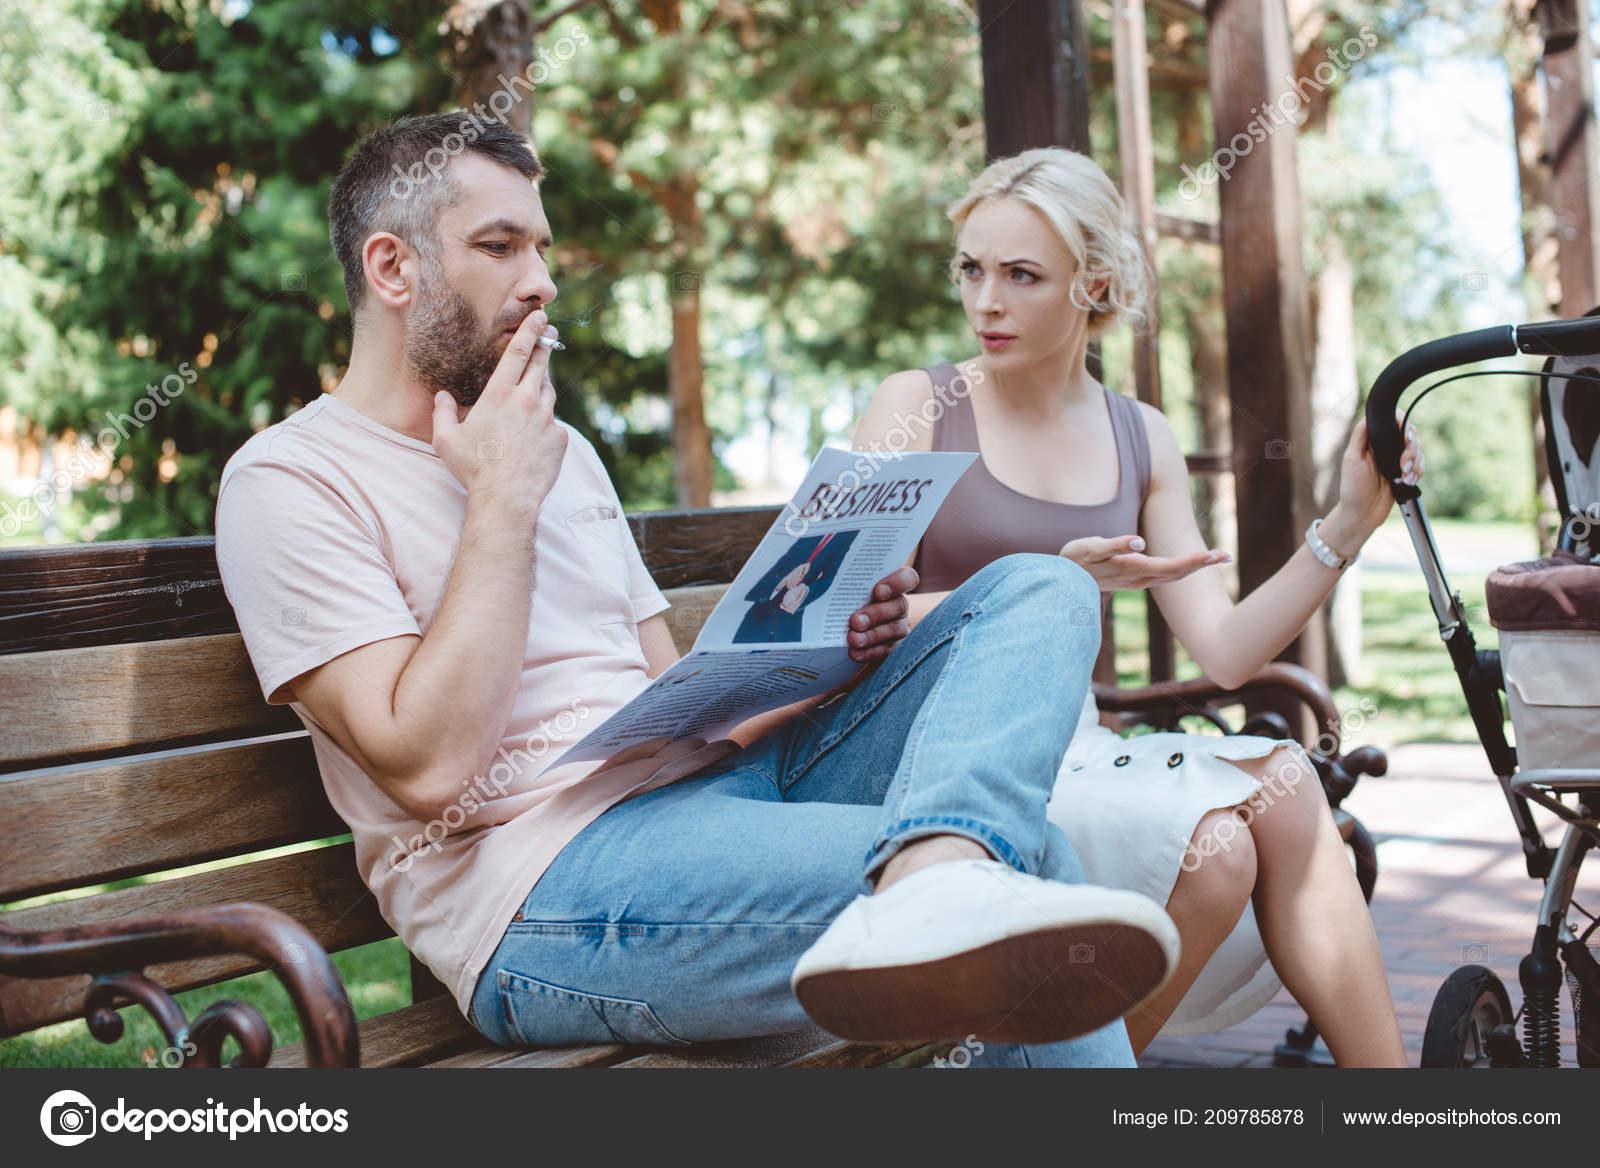 No pokud jsi začala kouřit až v průběhu vztahu a on sám nekouří, tak se mu nedivím, taky by mi to vadilo Já kouřila, když jsem poznala nynějšího manžela a v.